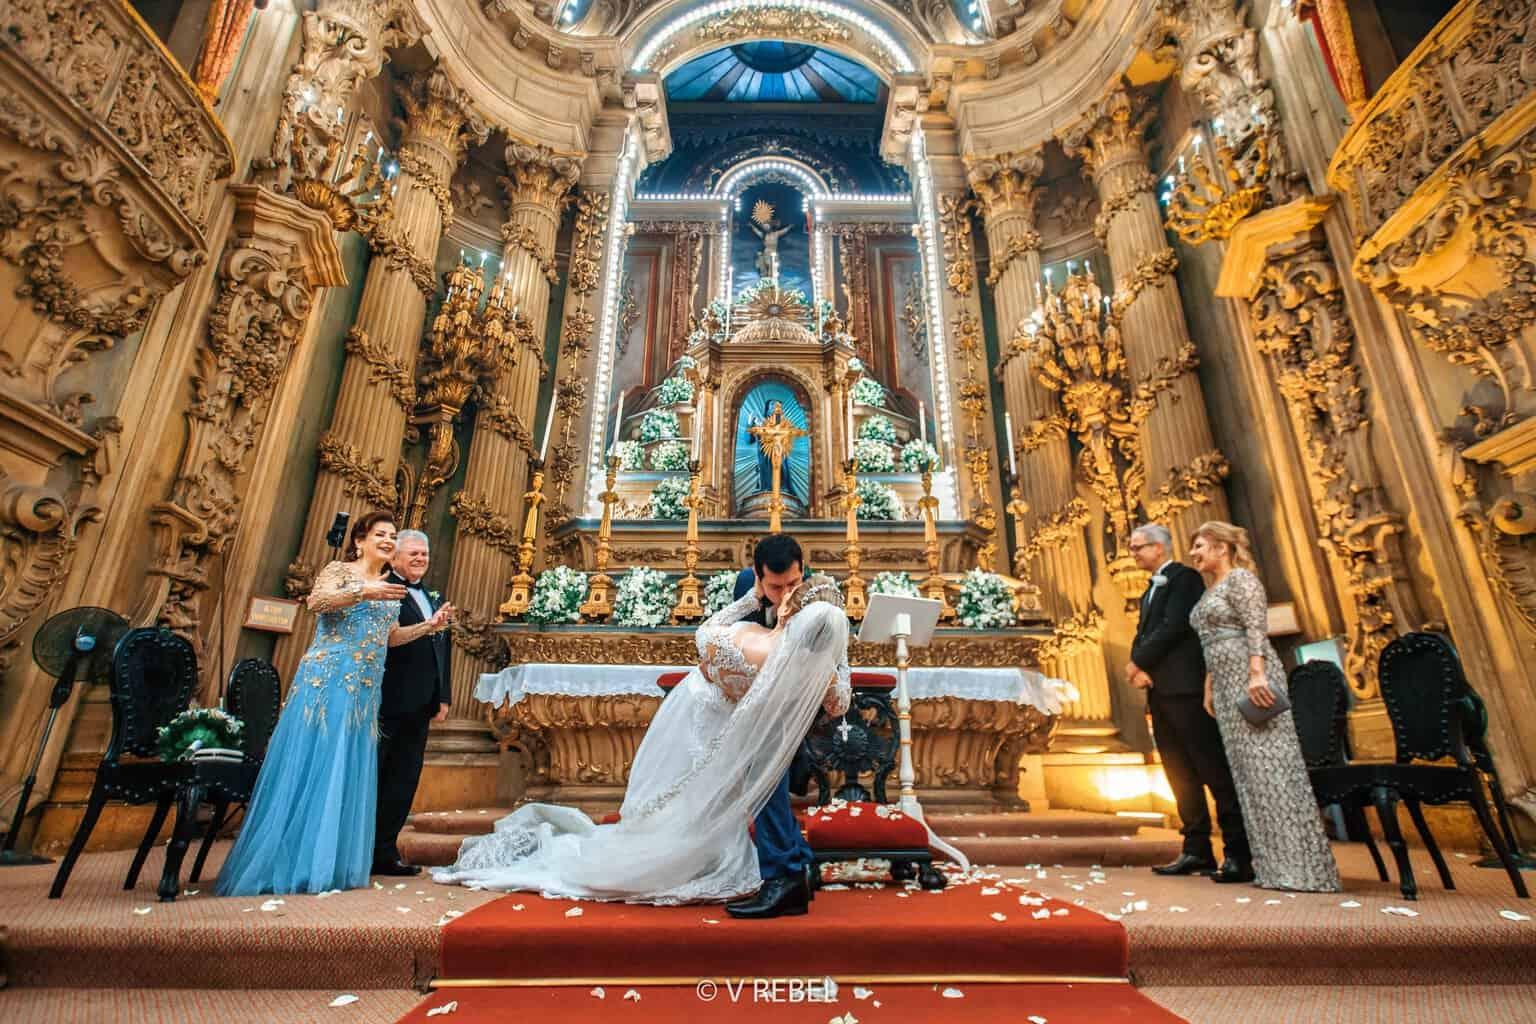 casamento-Caroline-e-Breno-casamento-clássico-cerimonia-na-igreja-fotografia-VRebel-noivos-no-altar48